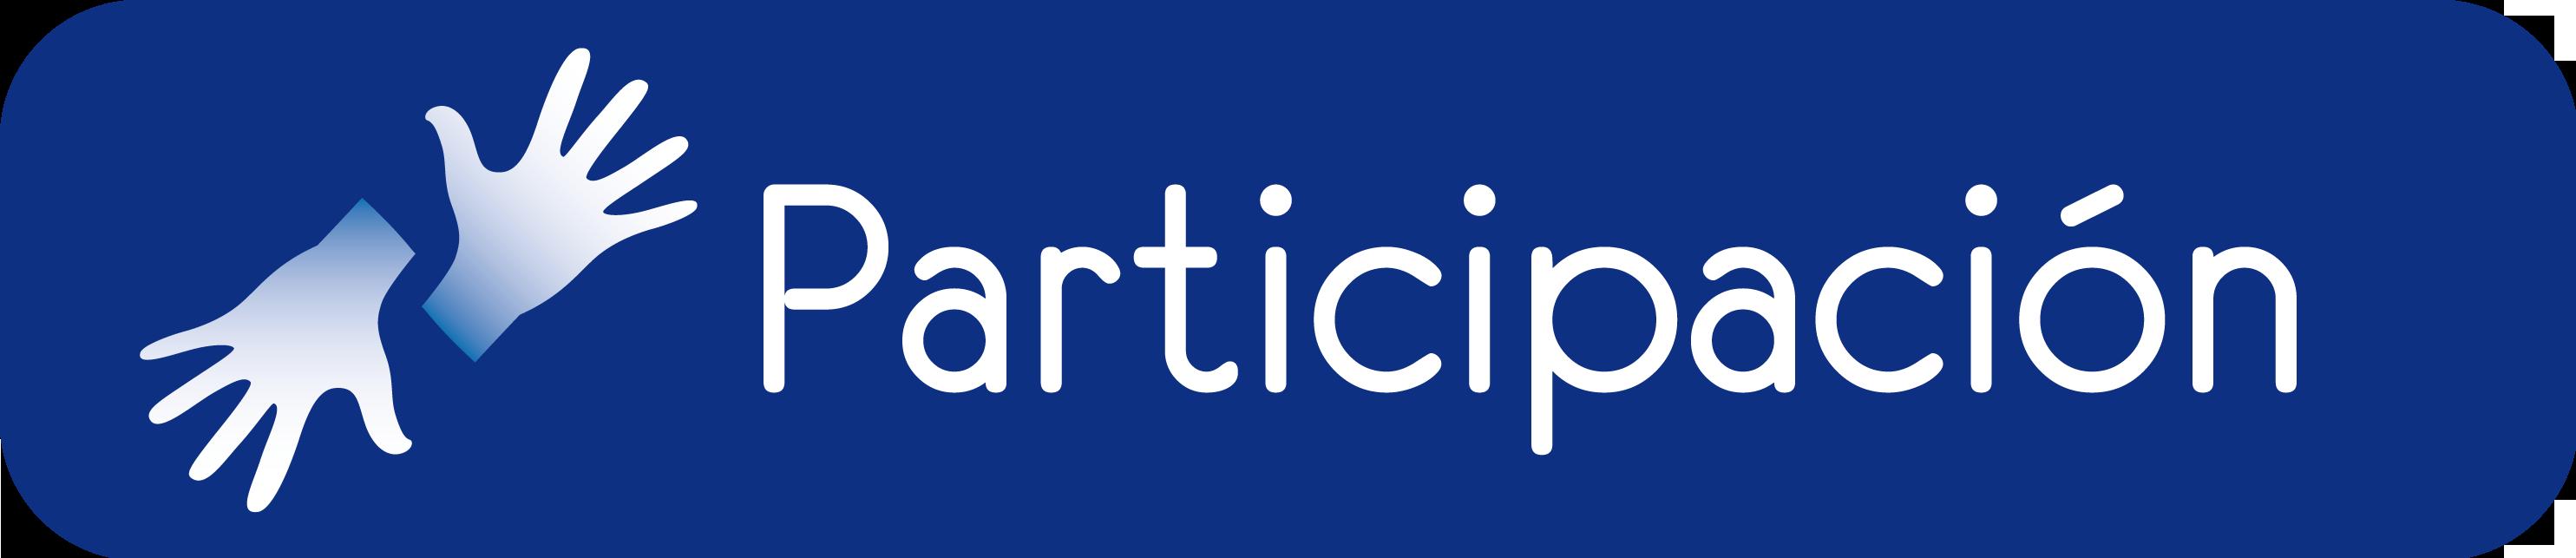 Participación_2